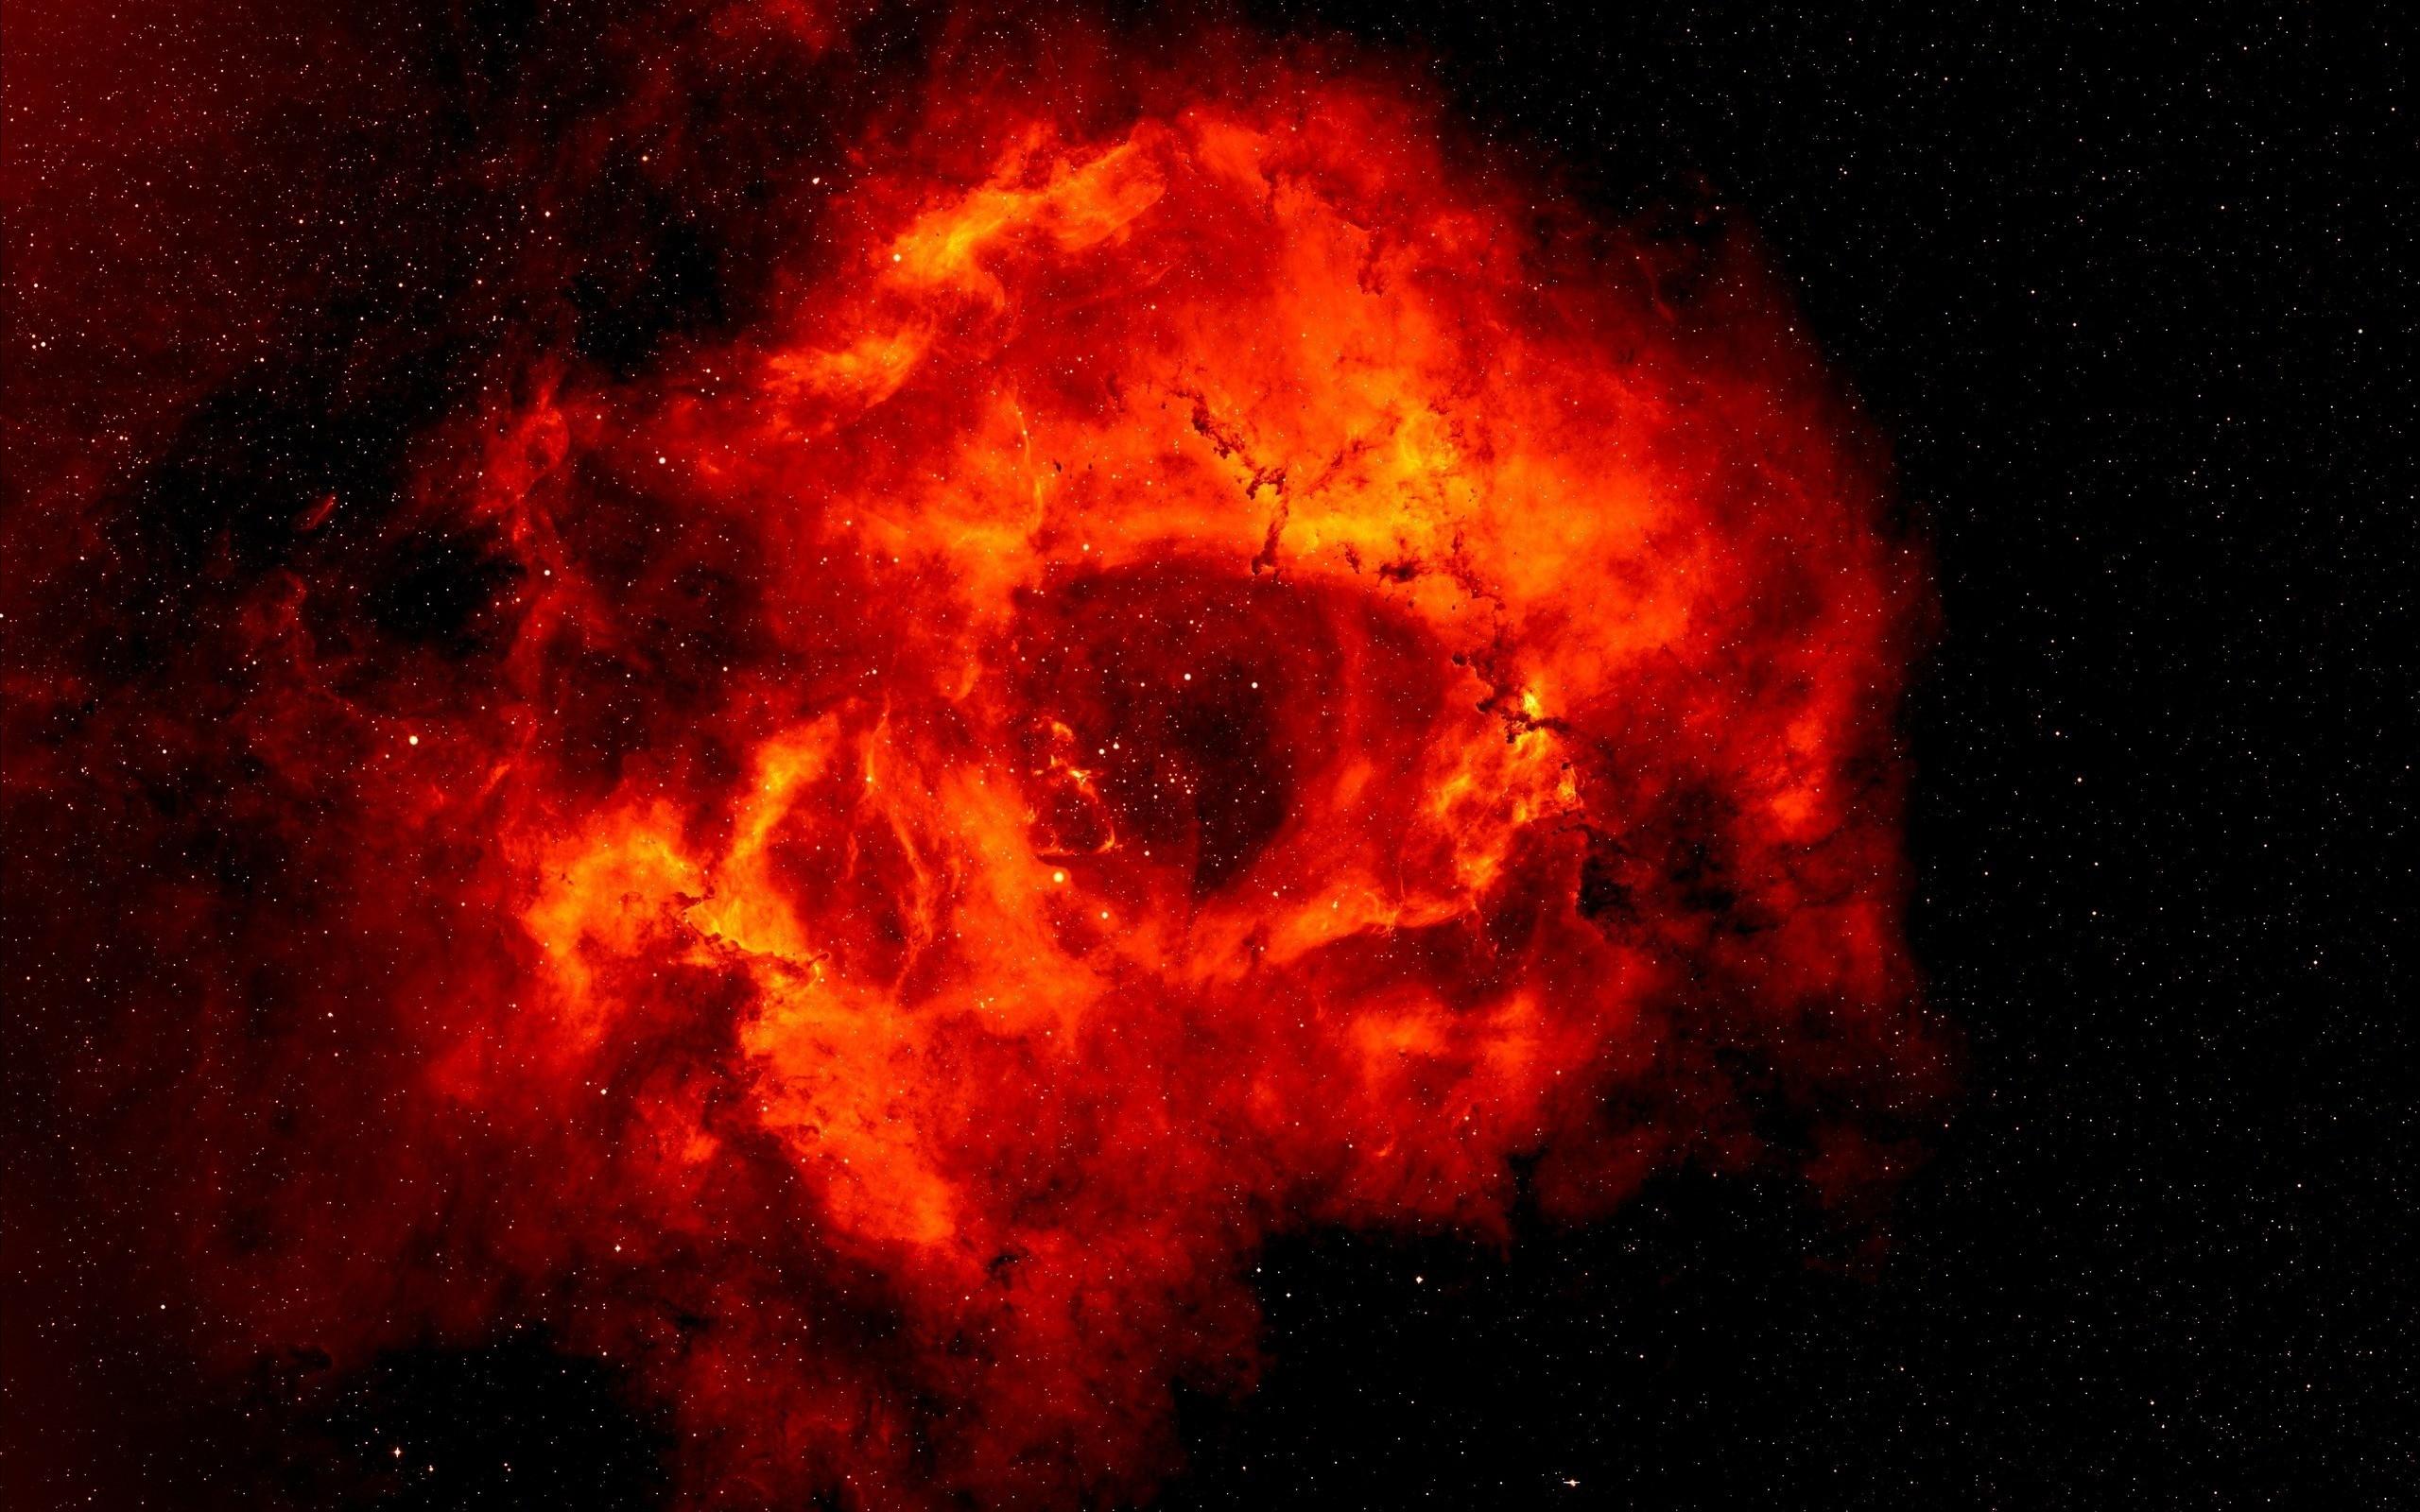 Fond D Ecran Noir Galaxie Espace Rouge Ciel Nebuleuse Atmosphere Explosion Univers Brillant Astronomie Lumiere Papier Peint De L Ordinateur Effets Speciaux Cosmos Objet Astronomique Phenomene Geologique Phenomene Visual Effects